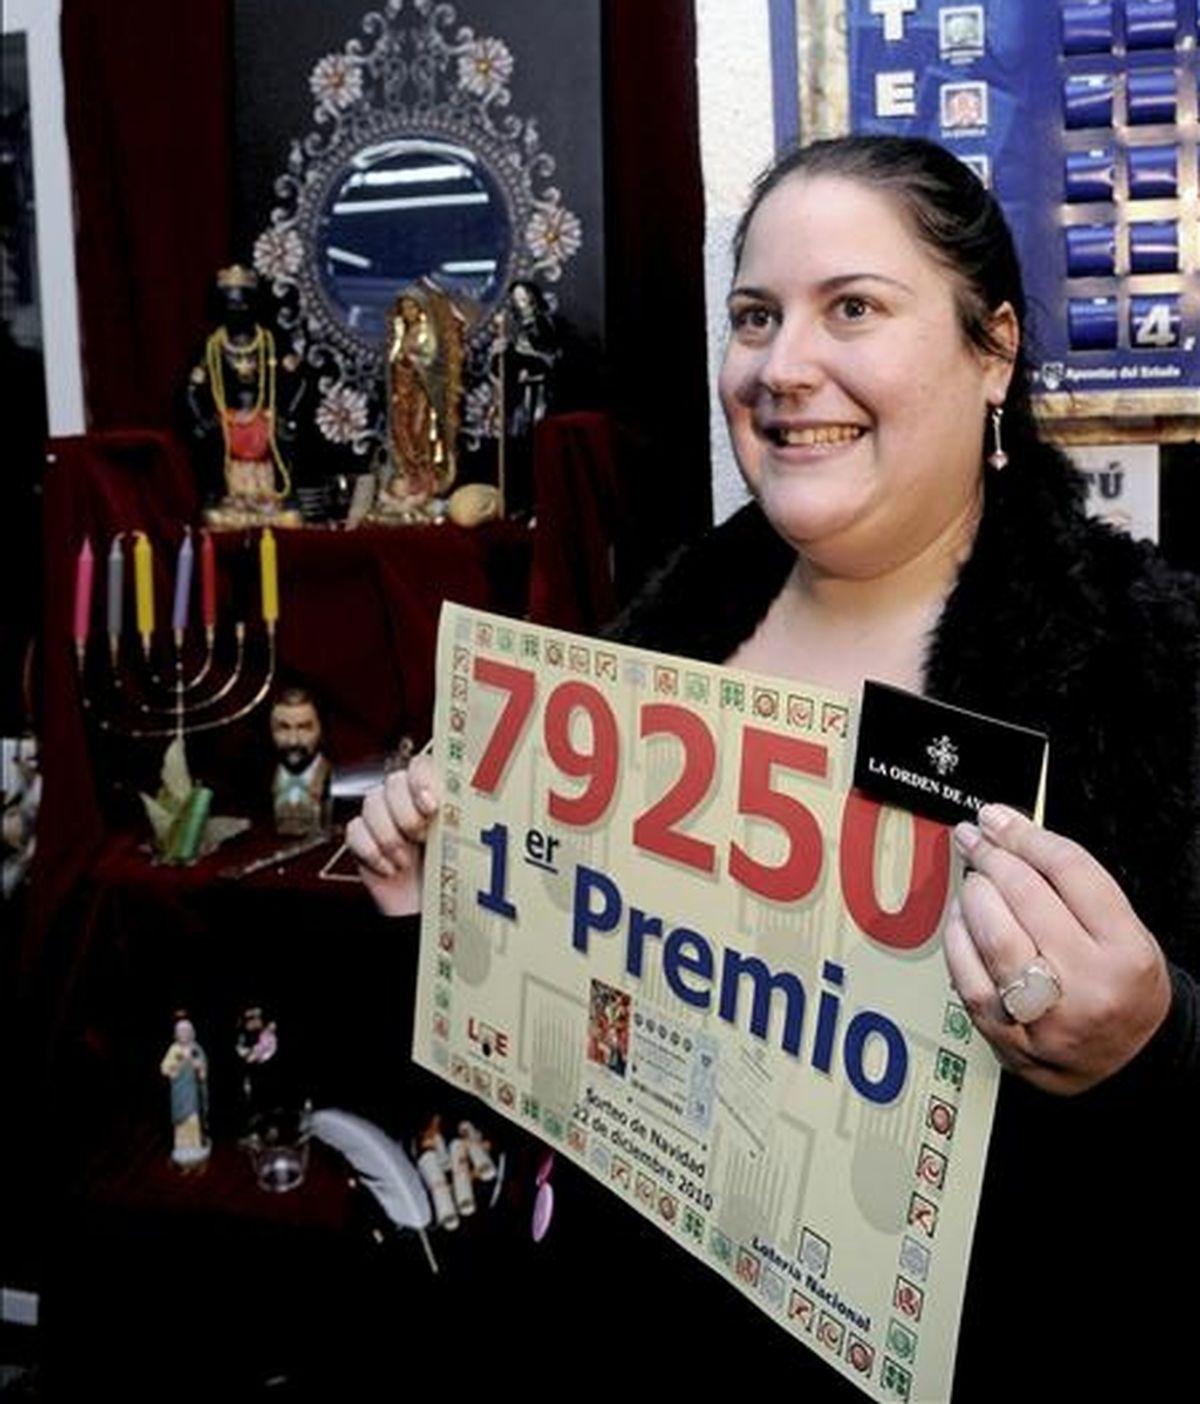 La vidente que contrataron los dueños de la administración de lotería número ocho de Alcorcón (Madrid) celebra la venta del número 79.250, primer premio en el sorteo extraordinario de Navidad. EFE/Archivo